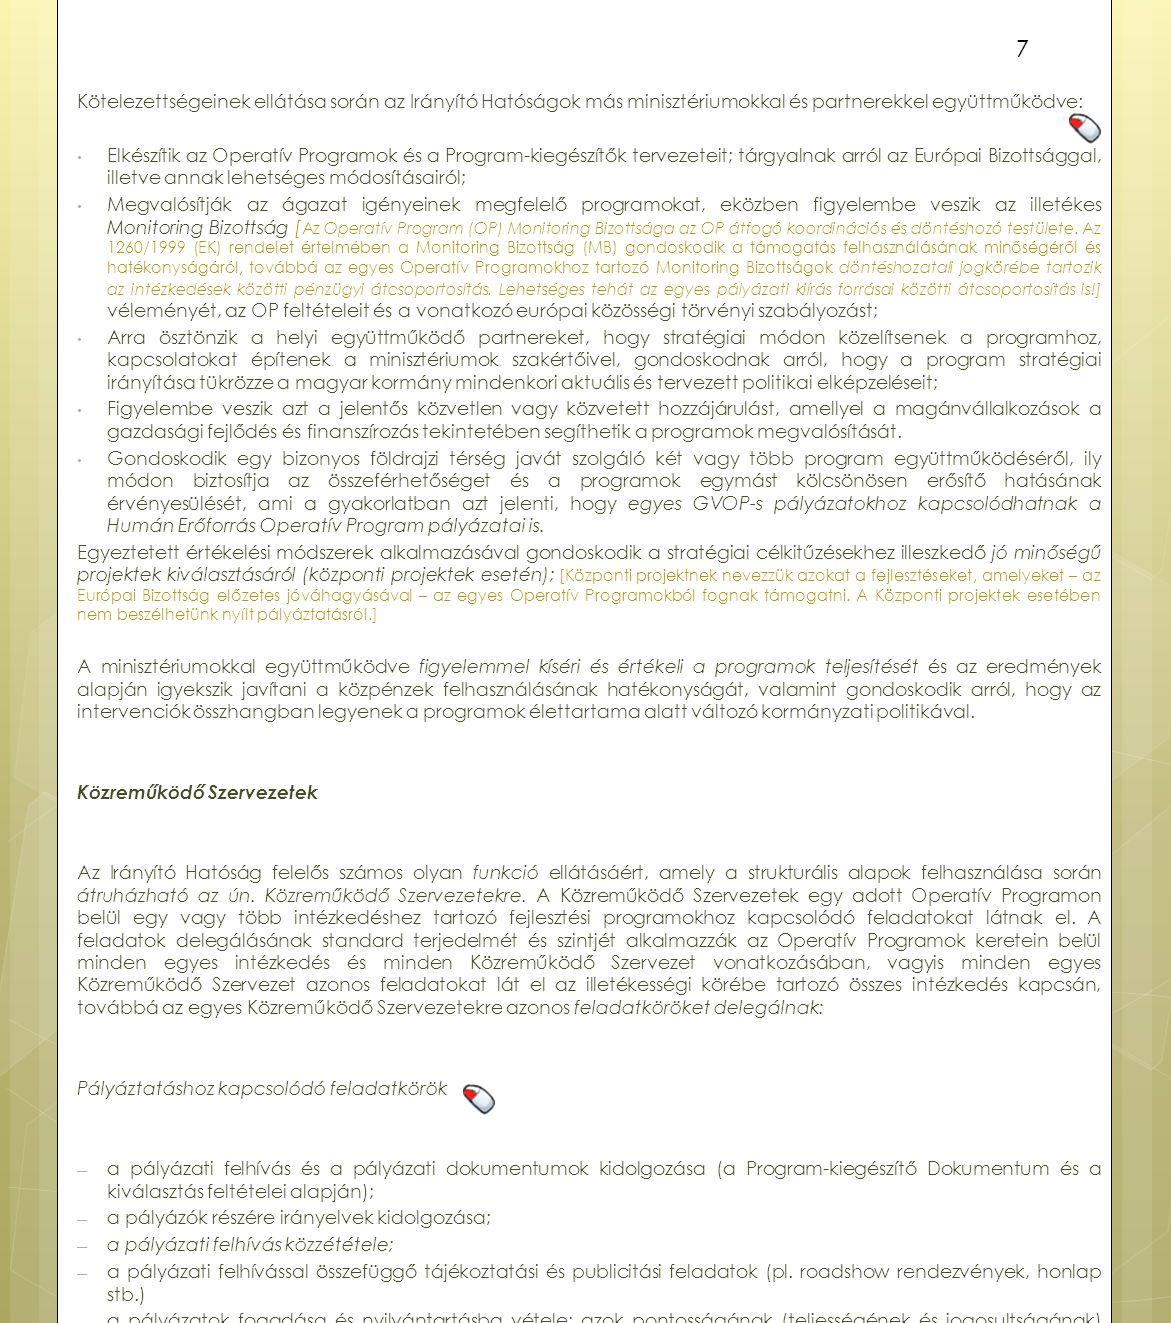 Kötelezettségeinek ellátása során az Irányító Hatóságok más minisztériumokkal és partnerekkel együttműködve: Elkészítik az Operatív Programok és a Program-kiegészítők tervezeteit; tárgyalnak arról az Európai Bizottsággal, illetve annak lehetséges módosításairól; Megvalósítják az ágazat igényeinek megfelelő programokat, eközben figyelembe veszik az illetékes Monitoring Bizottság [ Az Operatív Program (OP) Monitoring Bizottsága az OP átfogó koordinációs és döntéshozó testülete.